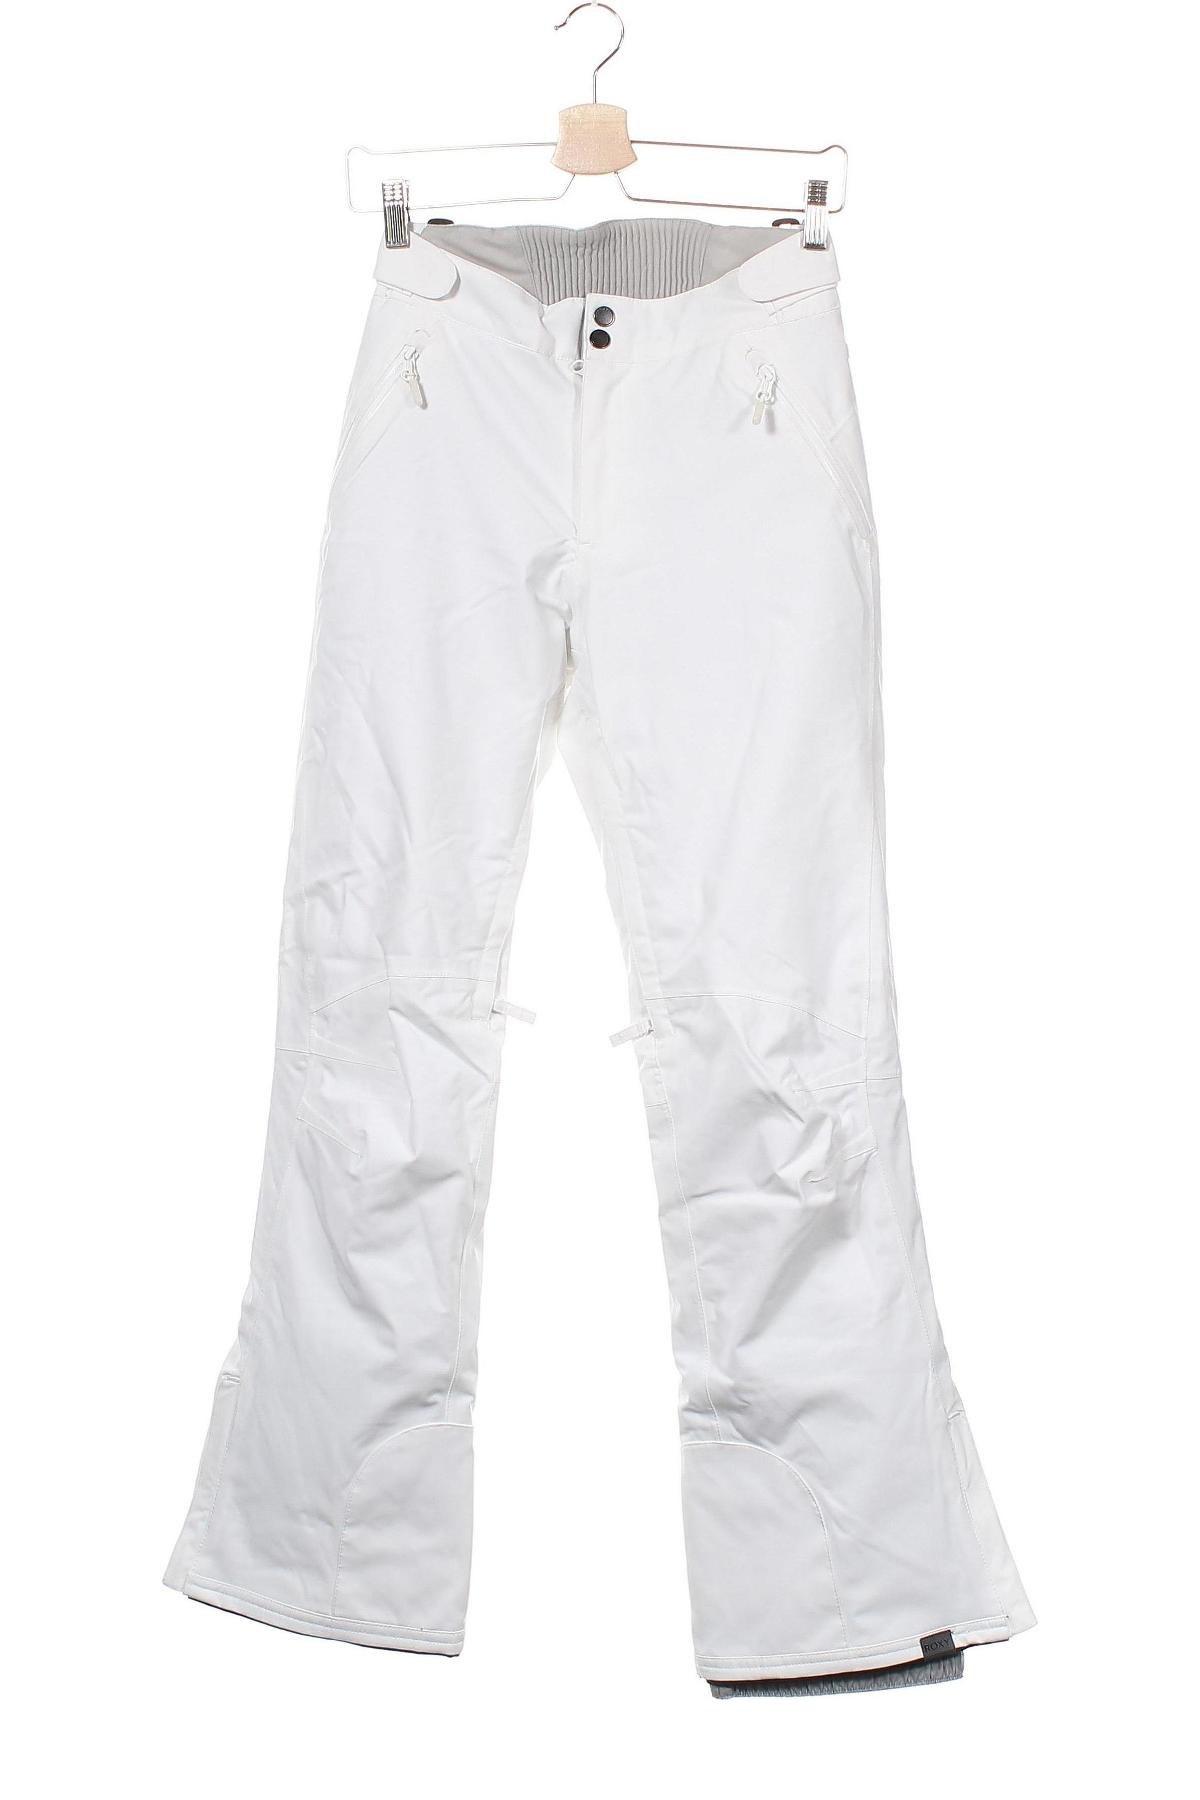 Дамски панталон за зимни спортове Roxy, Размер XS, Цвят Бял, Полиестер, Цена 46,50лв.